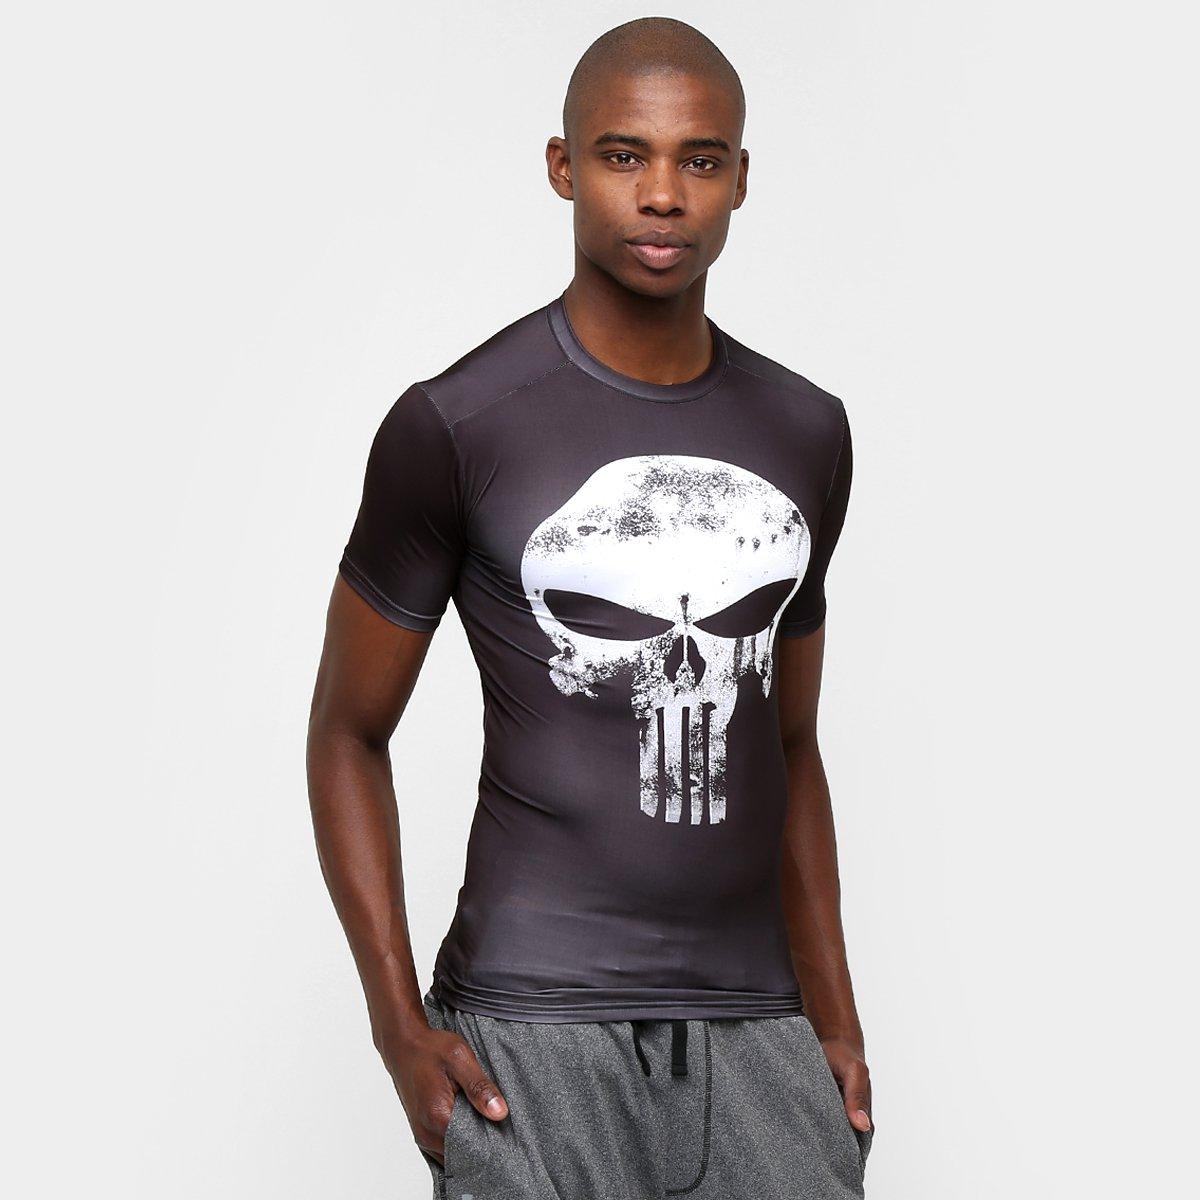 1f27442c9a66a Camiseta de Compressão Under Armour Alter Ego Punisher Masculina - Compre  Agora